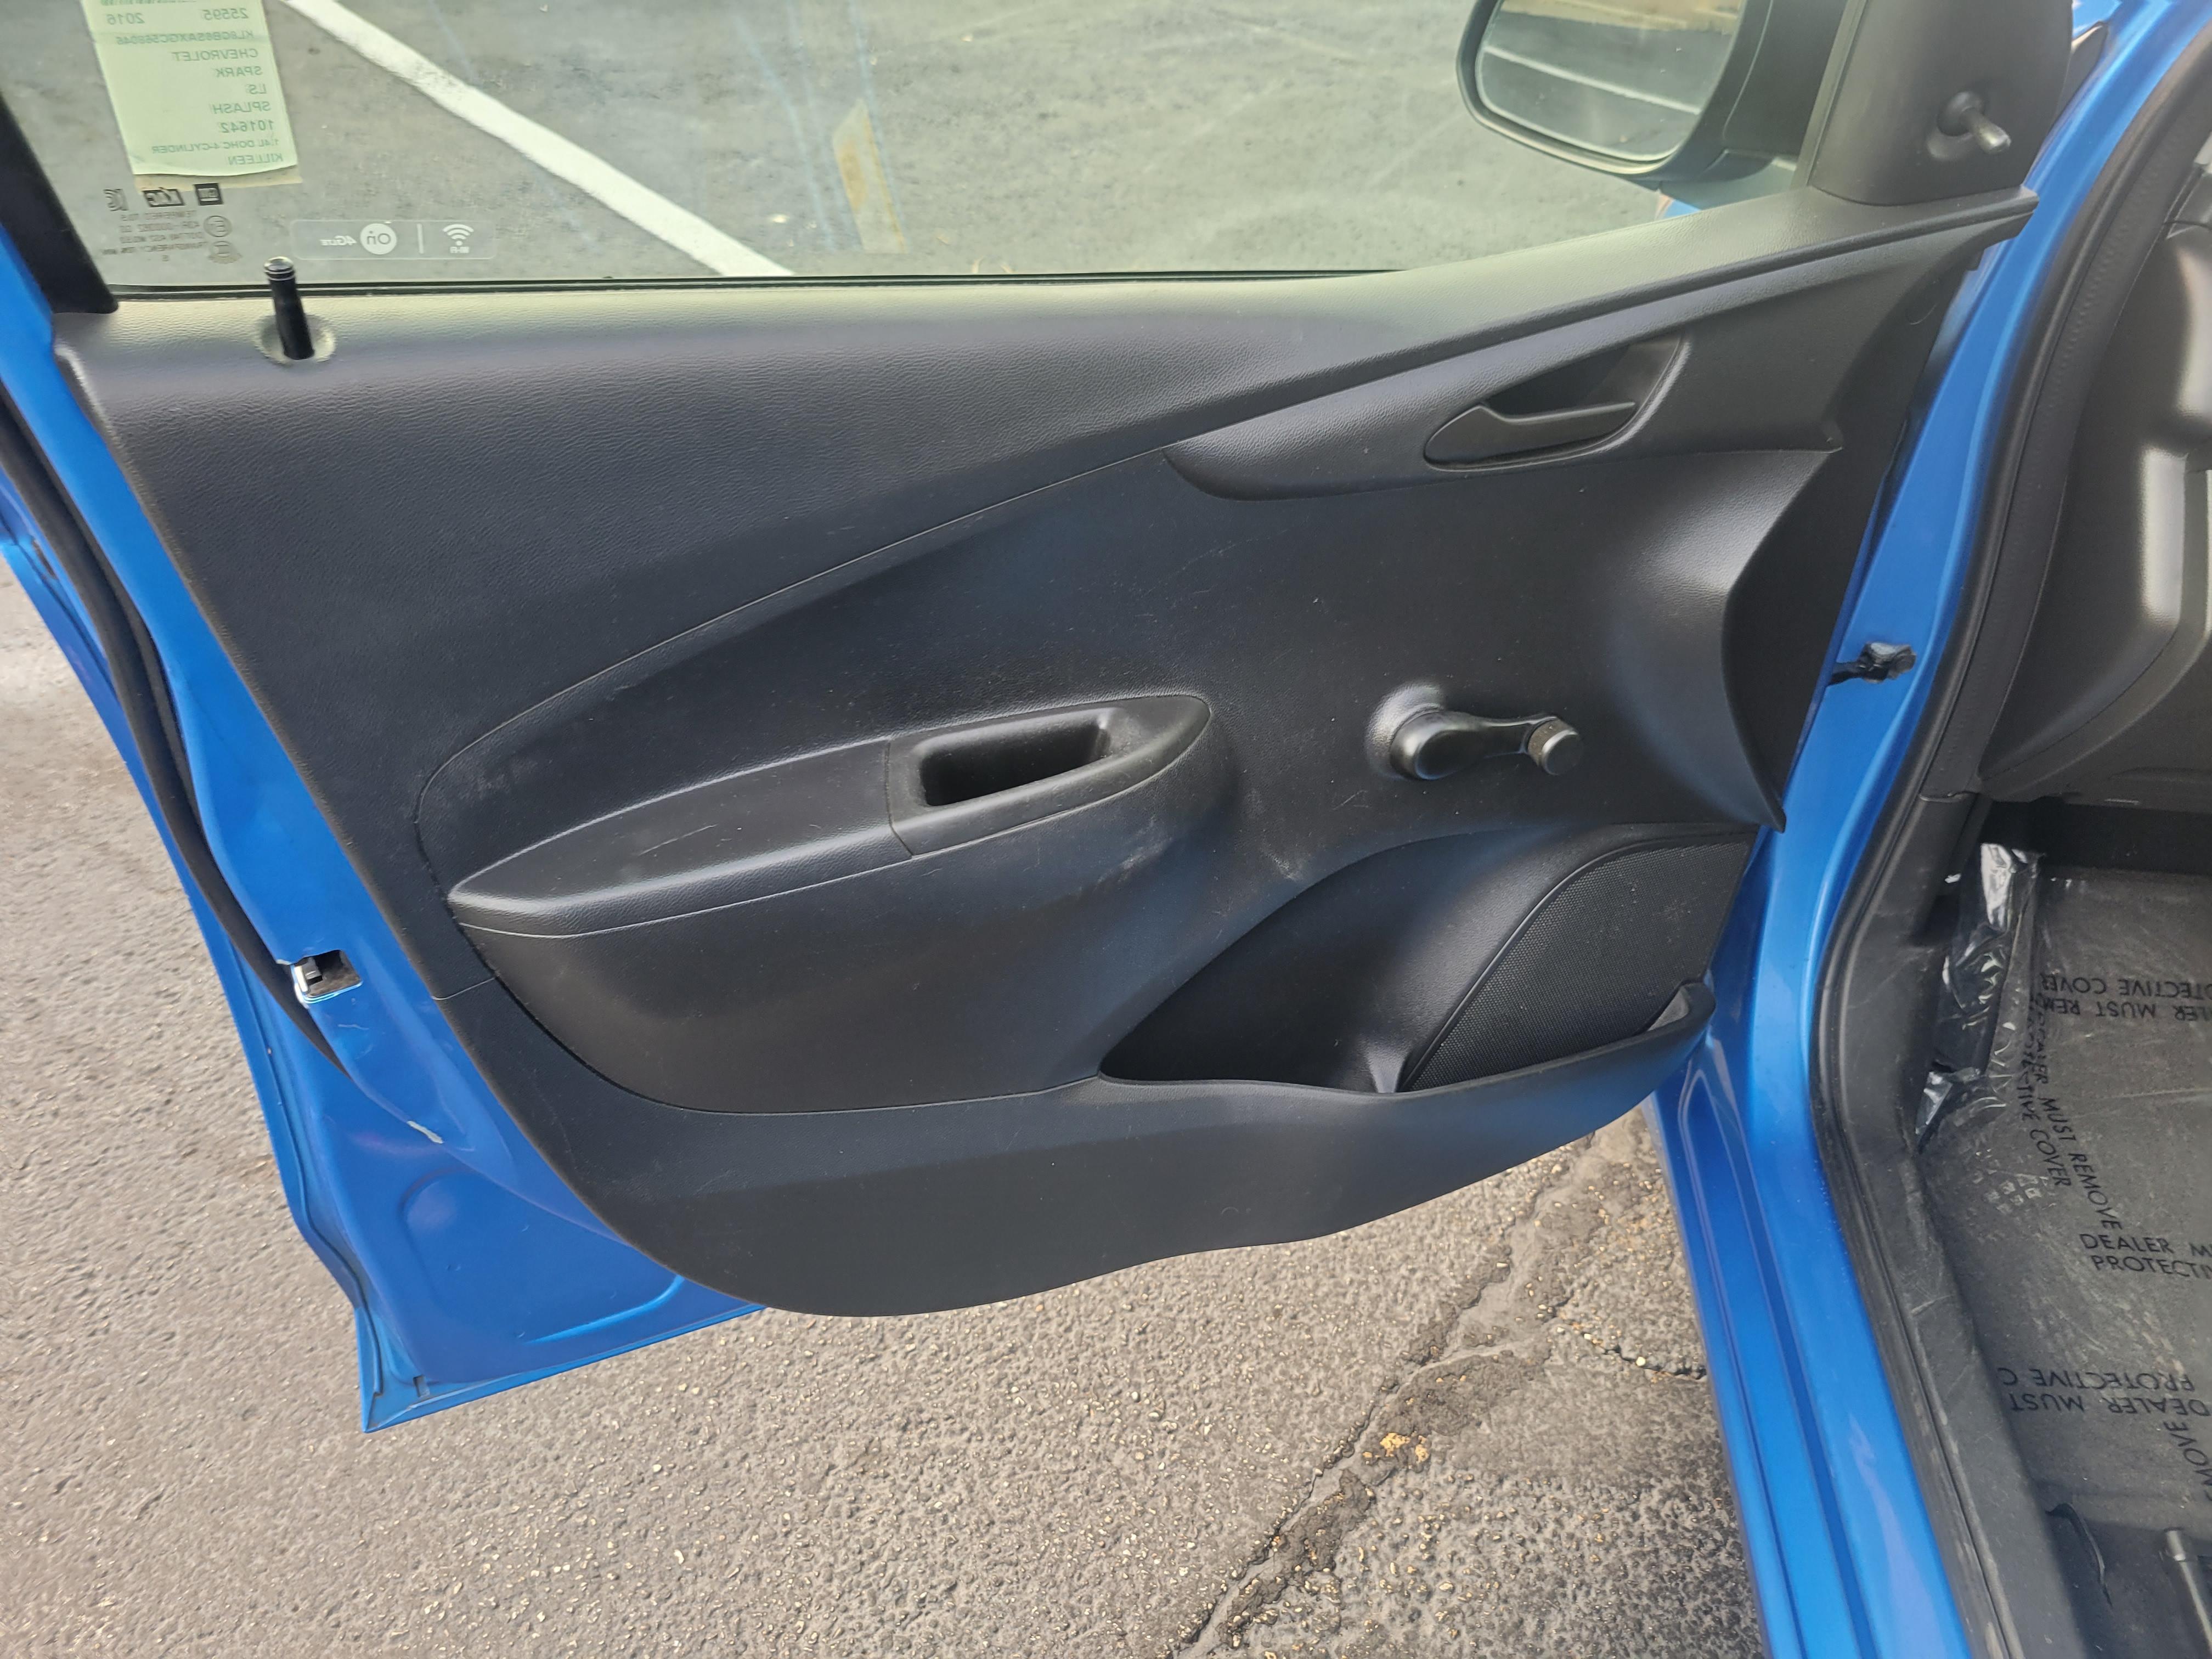 used vehicle - Sedan CHEVROLET SPARK 2016